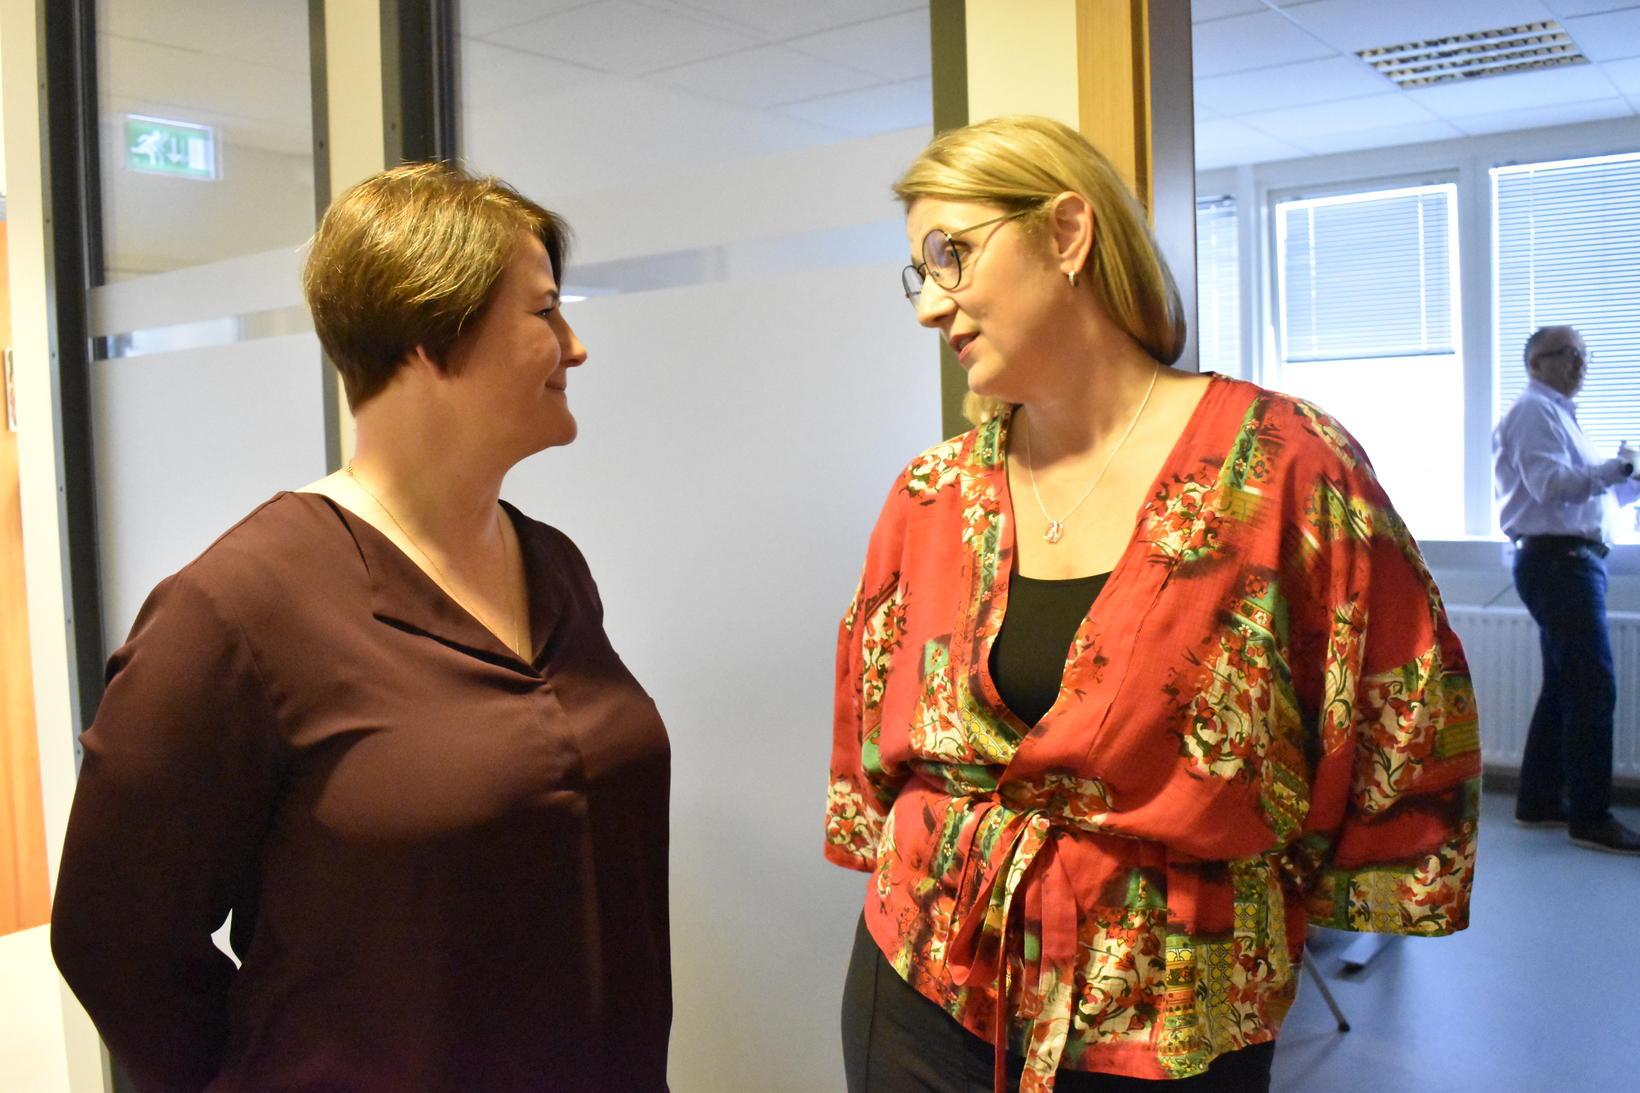 Ólöf Birna Björnsdóttir ráðgjafi og Anna Gunnhildur Ólafsdóttir, fyrrverandi framkvæmdastjóri …